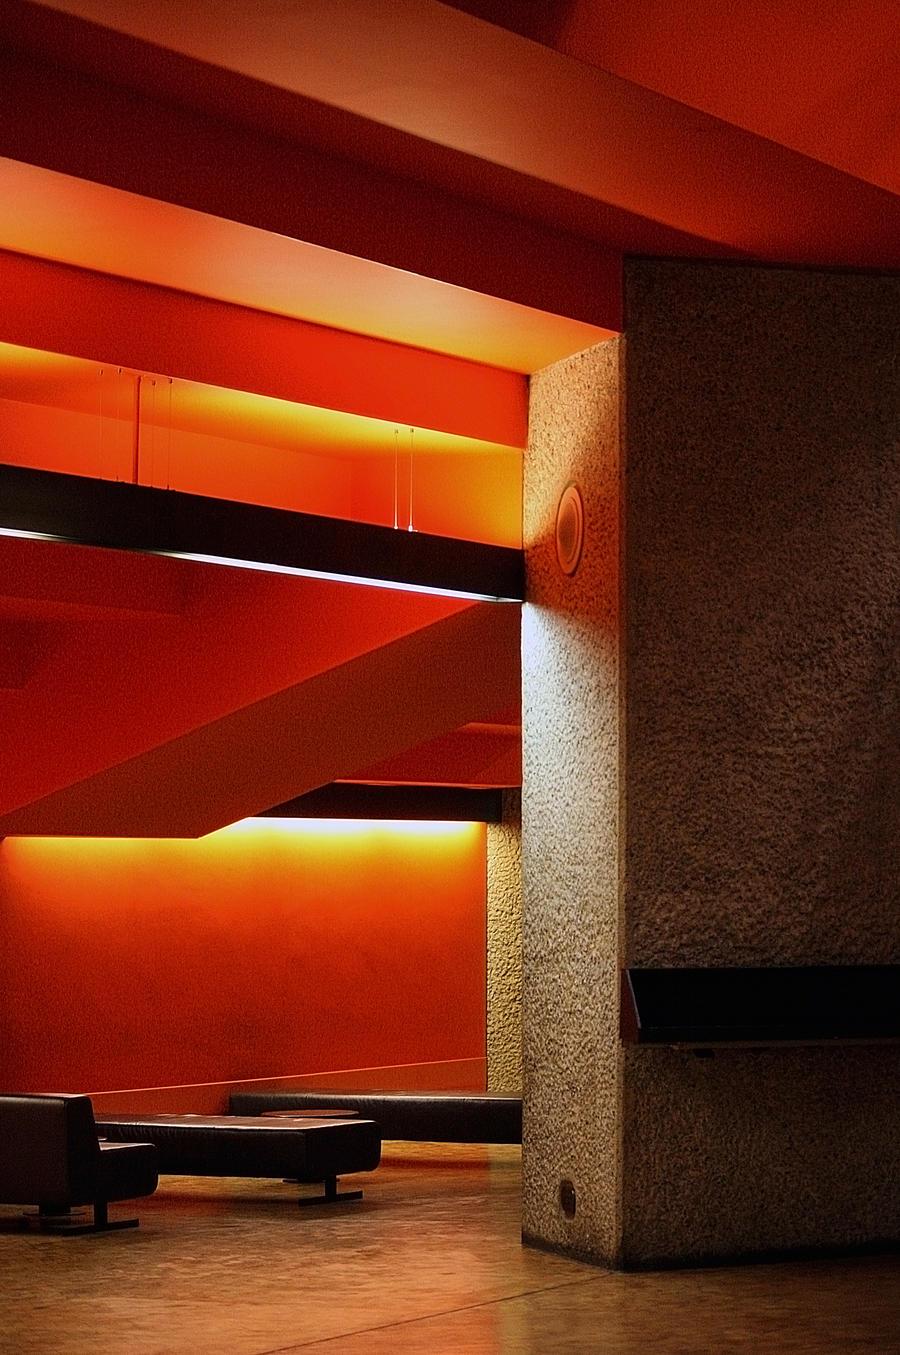 burnt orange interior by aegiandyad on deviantart